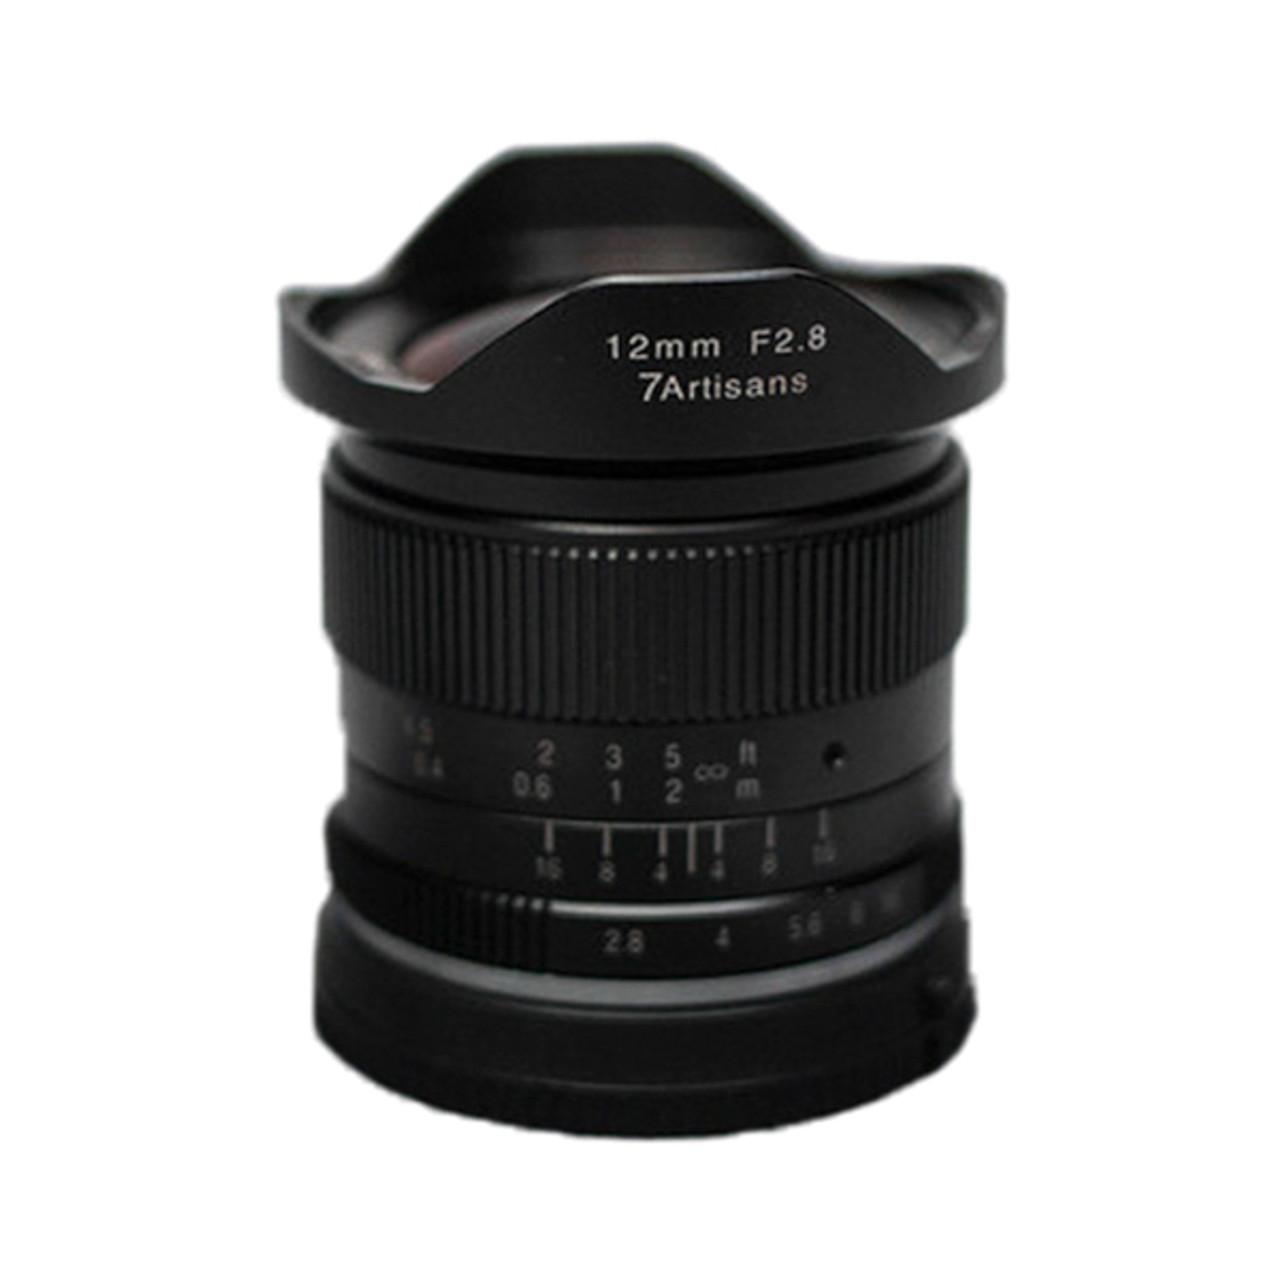 7Artisans 12mm F2.8 (Sony) (E Mount)